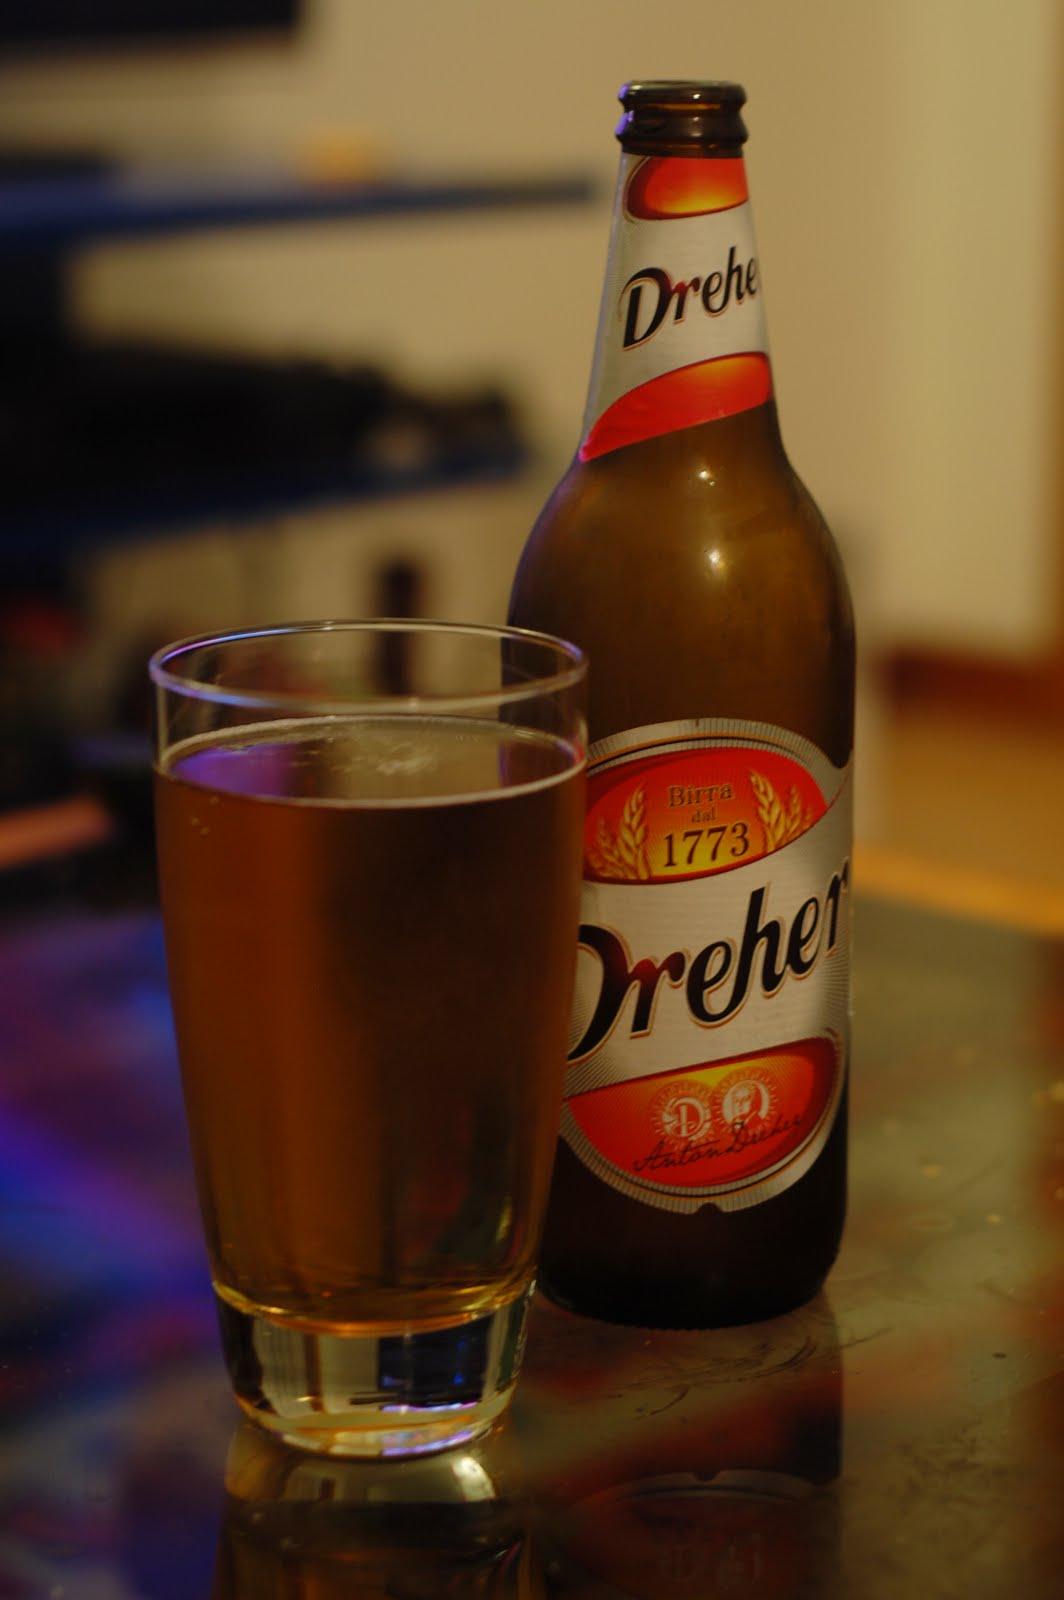 Dreher beer   Leon Barnard   Flickr